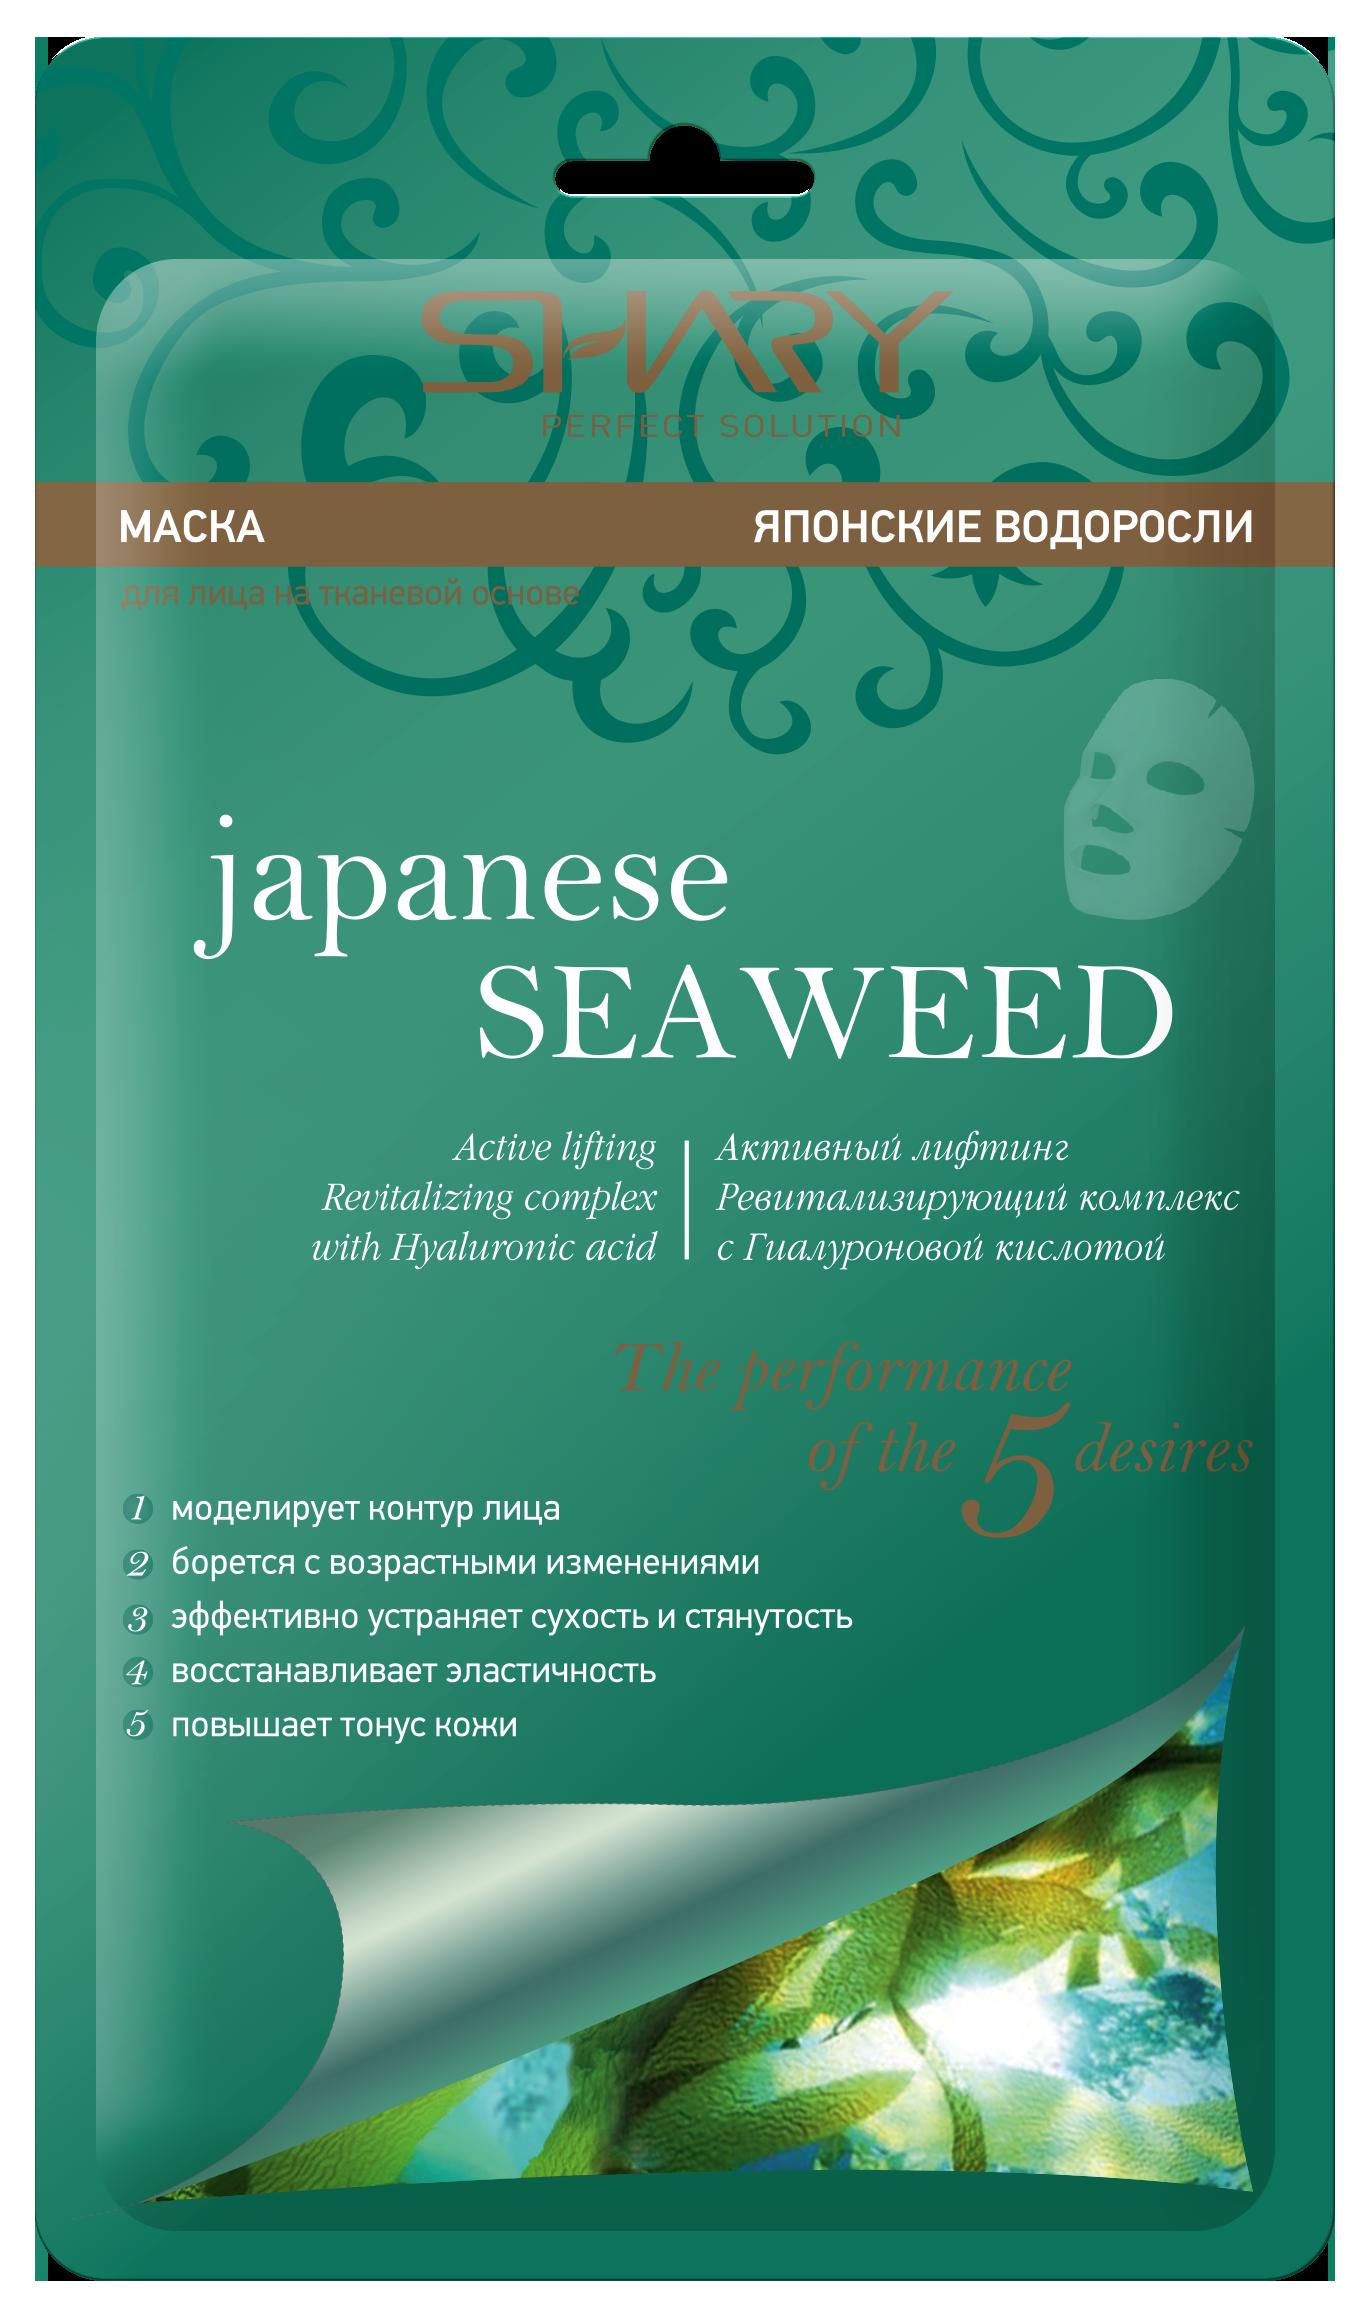 SHARY Маска для лица на тканевой основе Японские водоросли / SHARY 20 грМаски<br>Маска  Японские водоросли  для лица на тканевой основе. АКТИВНЫЙ ЛИФТИНГ РЕВИТАЛИЗИРУЮЩИЙ КОМПЛЕКС С ГИАЛУРОНОВОЙ КИСЛОТОЙ Активная маска  Японские водоросли  вобрала в себя всю силу и пользу ламинарии, ундарии перистой (вакамэ) и хлореллы. Эти водоросли богаты омега-3 кислотами, йодом, витамином С, кальцием и другими ценнейшими для здоровья микроэлементами, которые оказывают выраженное лифтингующее действие на кожу. Маска помогает продлить молодость и эластичность кожи, эффективно устраняет сухость, улучшает дыхание в клетках, а также регулирует водный обмен. Гиалуроновая кислота в составе усиливает омолаживающий эффект и обеспечивает мощное увлажнение глубоких слоев эпидермиса. После применения маски Ваша кожа надолго сохранит гладкость и свежий подтянутый вид. Активные ингредиенты: экстракты: ламинарии японской, жемчуга, ундарии перистой, хлореллы; гиалуроновая кислота, пантенол, аллантоин. Способ применения: Извлеките маску из упаковки, разверните и приложите её к предварительно очищенному лицу. Расправьте образовавшиеся складочки, чтобы маска плотно прилегала к коже. Спустя 10-15 минут снимите маску и распределите остатки средства мягкими скользящими движениями по лицу и шее. Ускорить впитывание помогут легкие похлопывания подушечками пальцев. При необходимости излишки средства можно промокнуть сухой салфеткой. Маска не требует смывания и подходит для всех типов кожи. Применять 2-3 раза в неделю.<br><br>Возраст применения: После 35<br>Типы кожи: Для всех типов